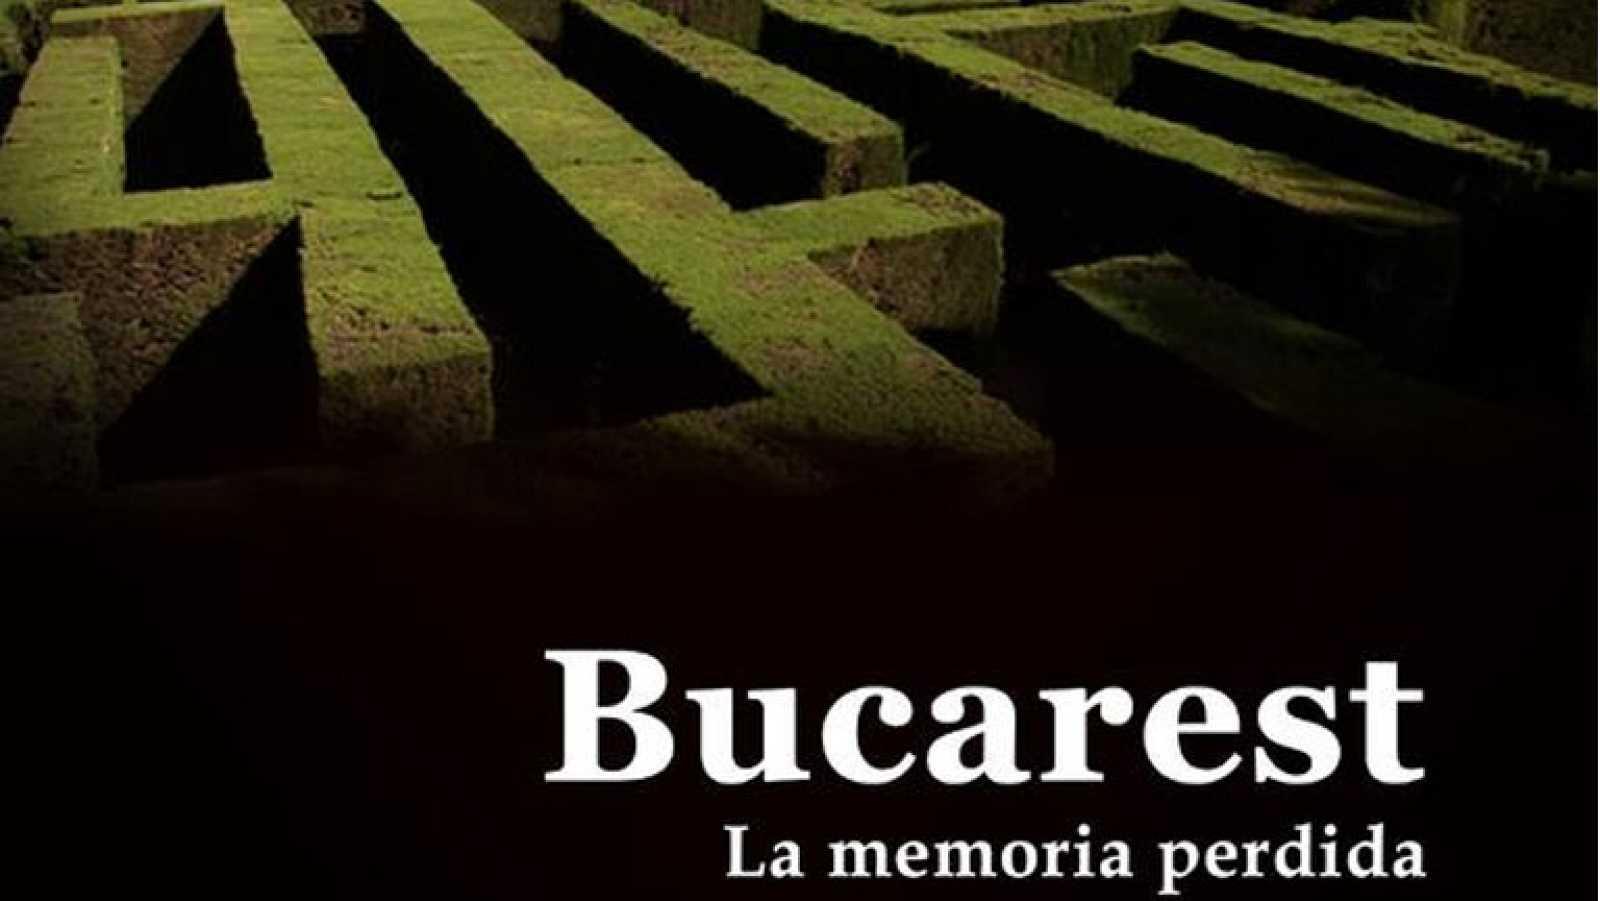 El documental - Bucarest, la memoria perdida - Ver ahora